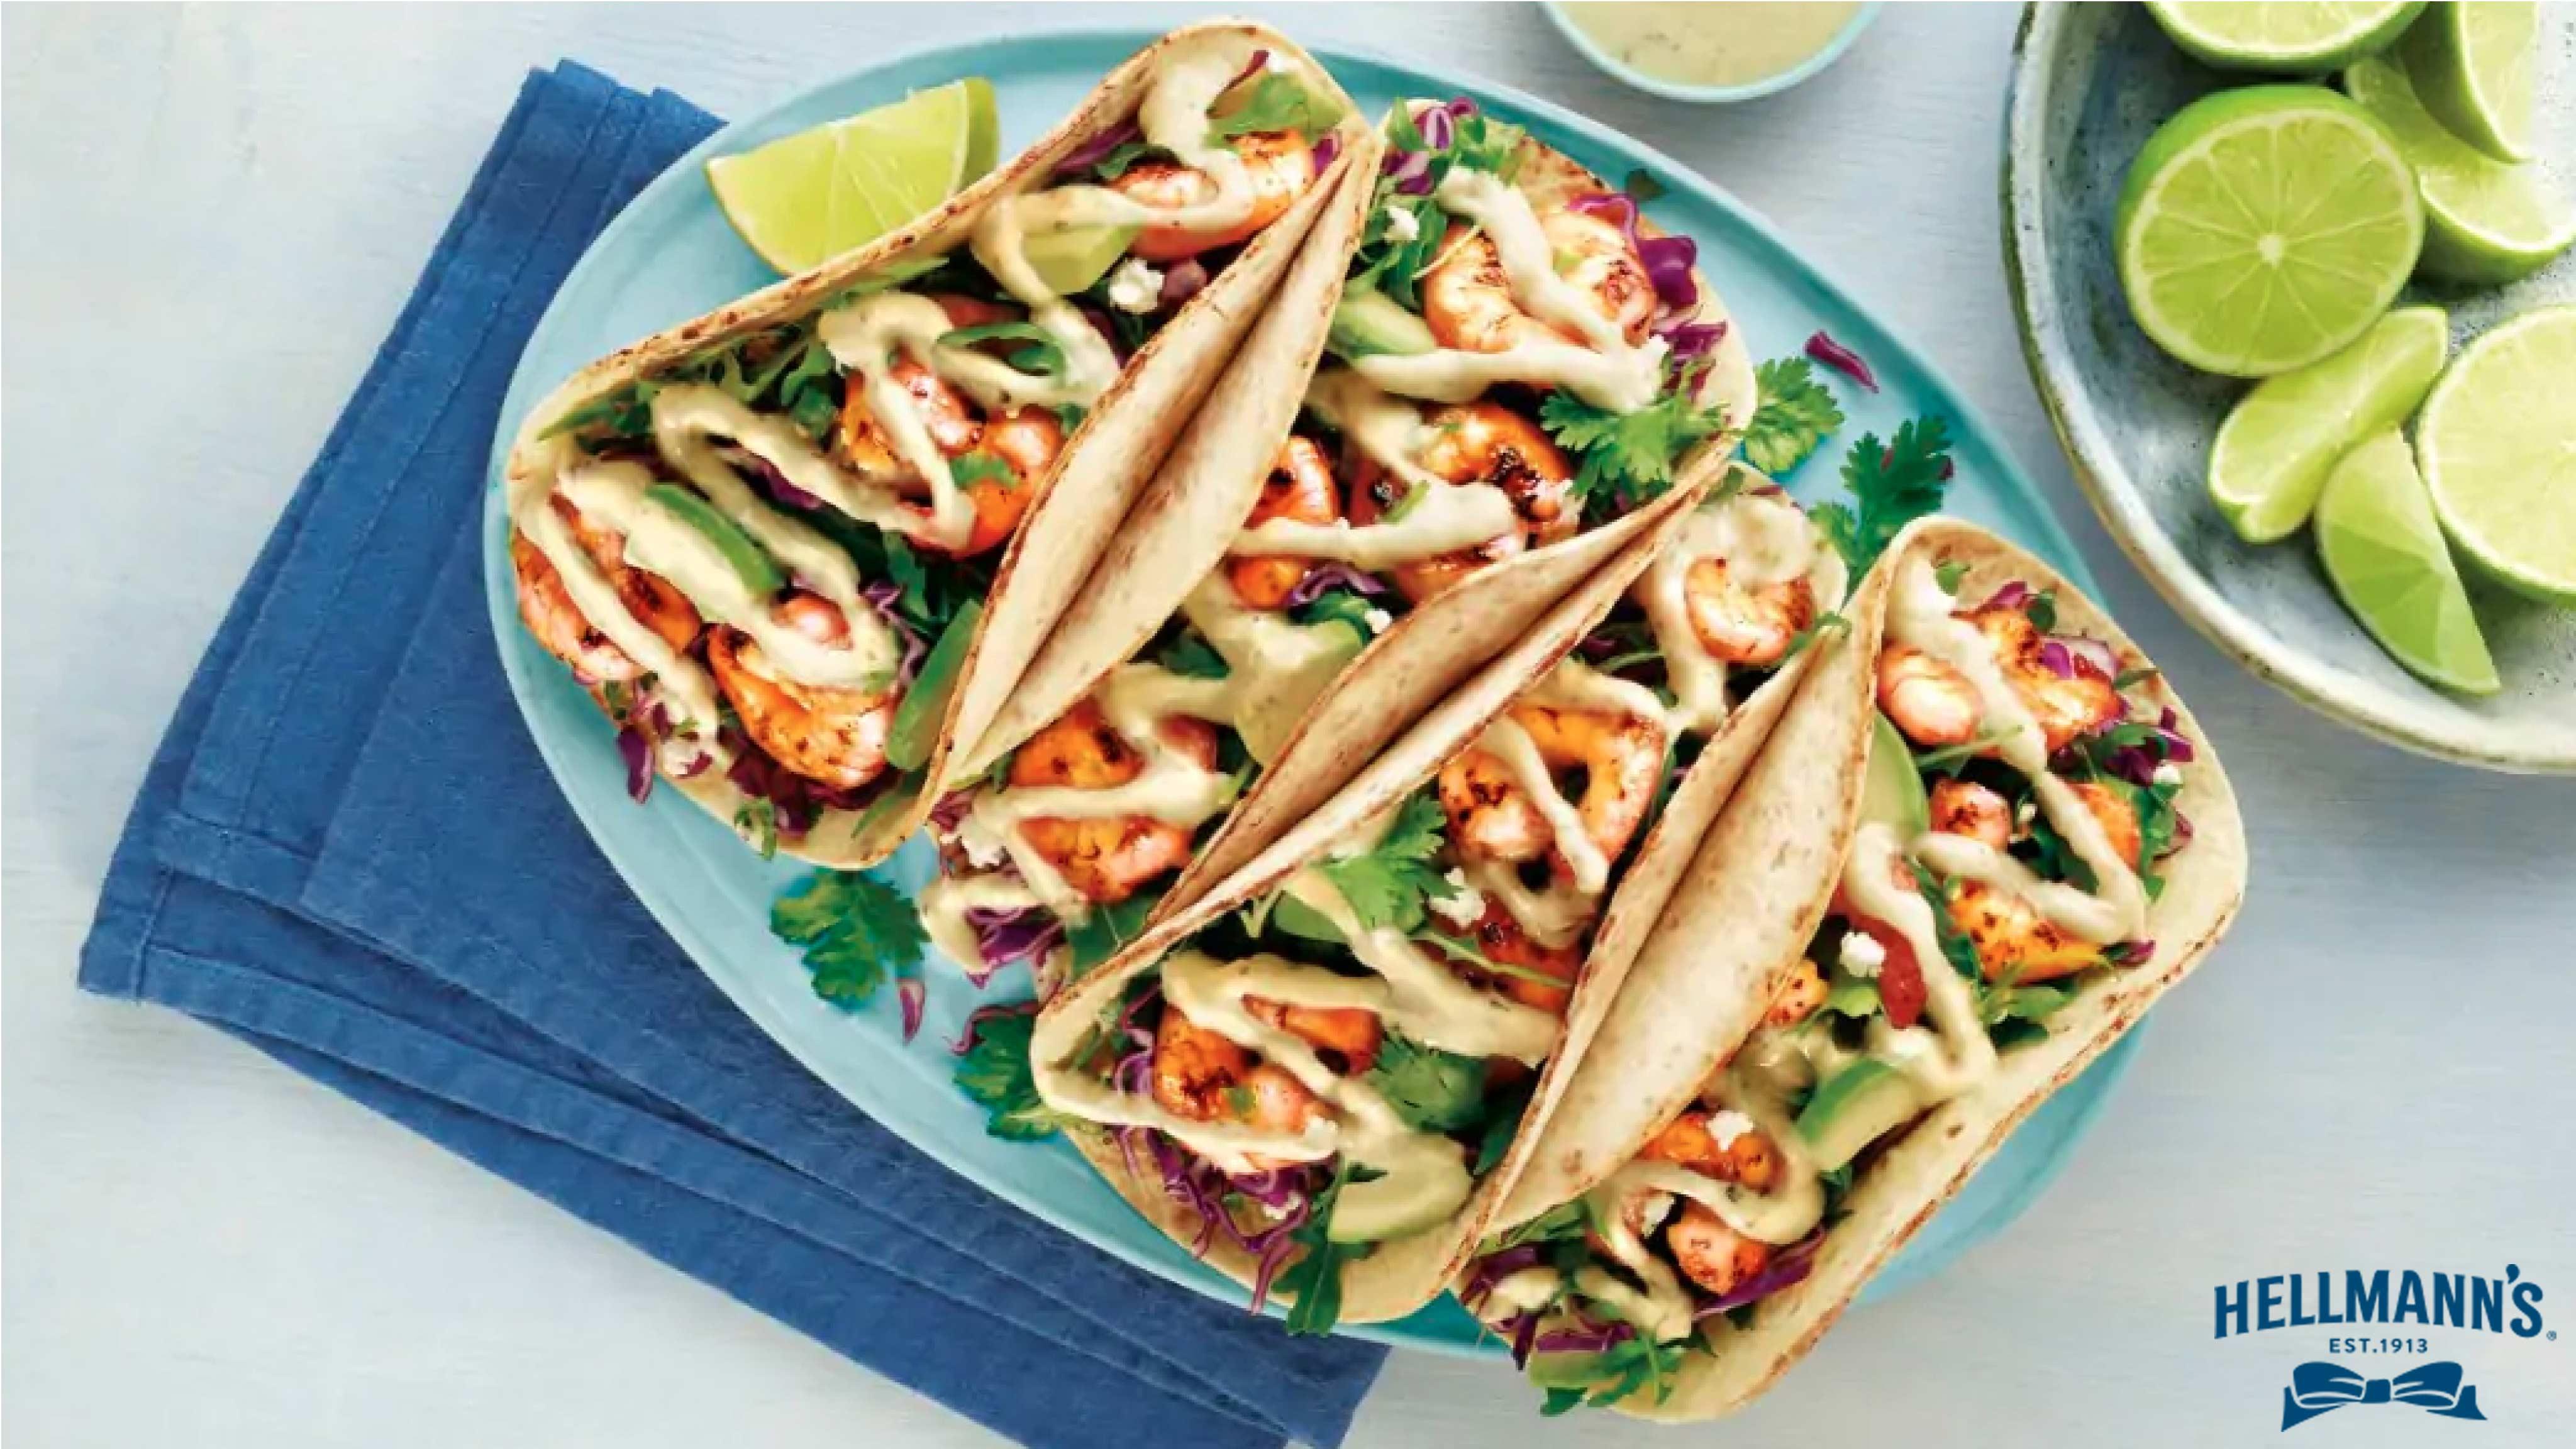 Image for Recipe Cilantro Lime Shrimp Tacos